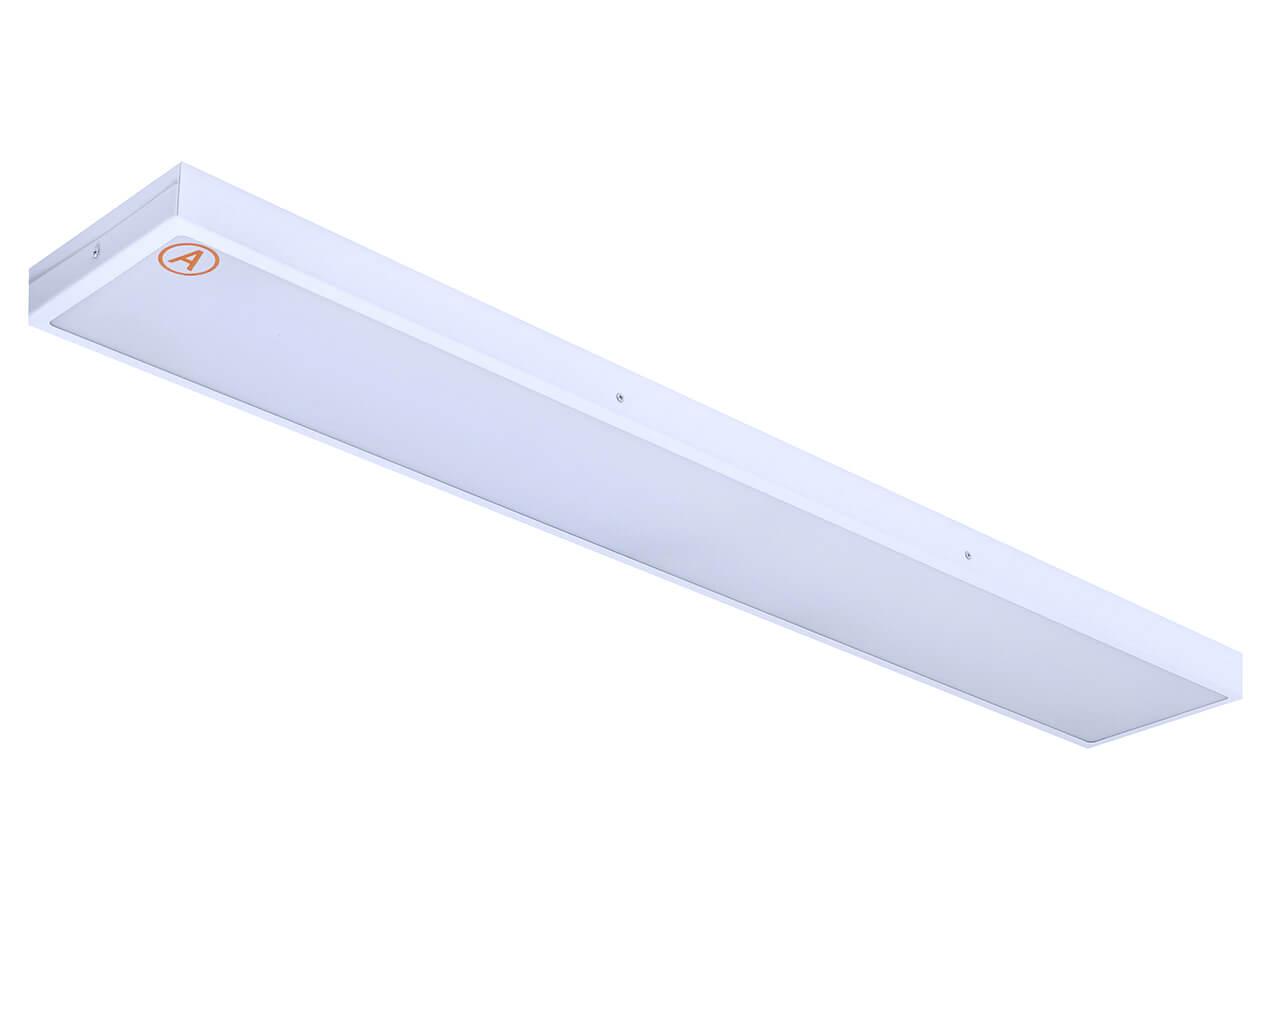 Накладной светильник LC-NS-SIP-80-OP 1195x180 IP65 Теплый белый Опал с Бап 3 часа